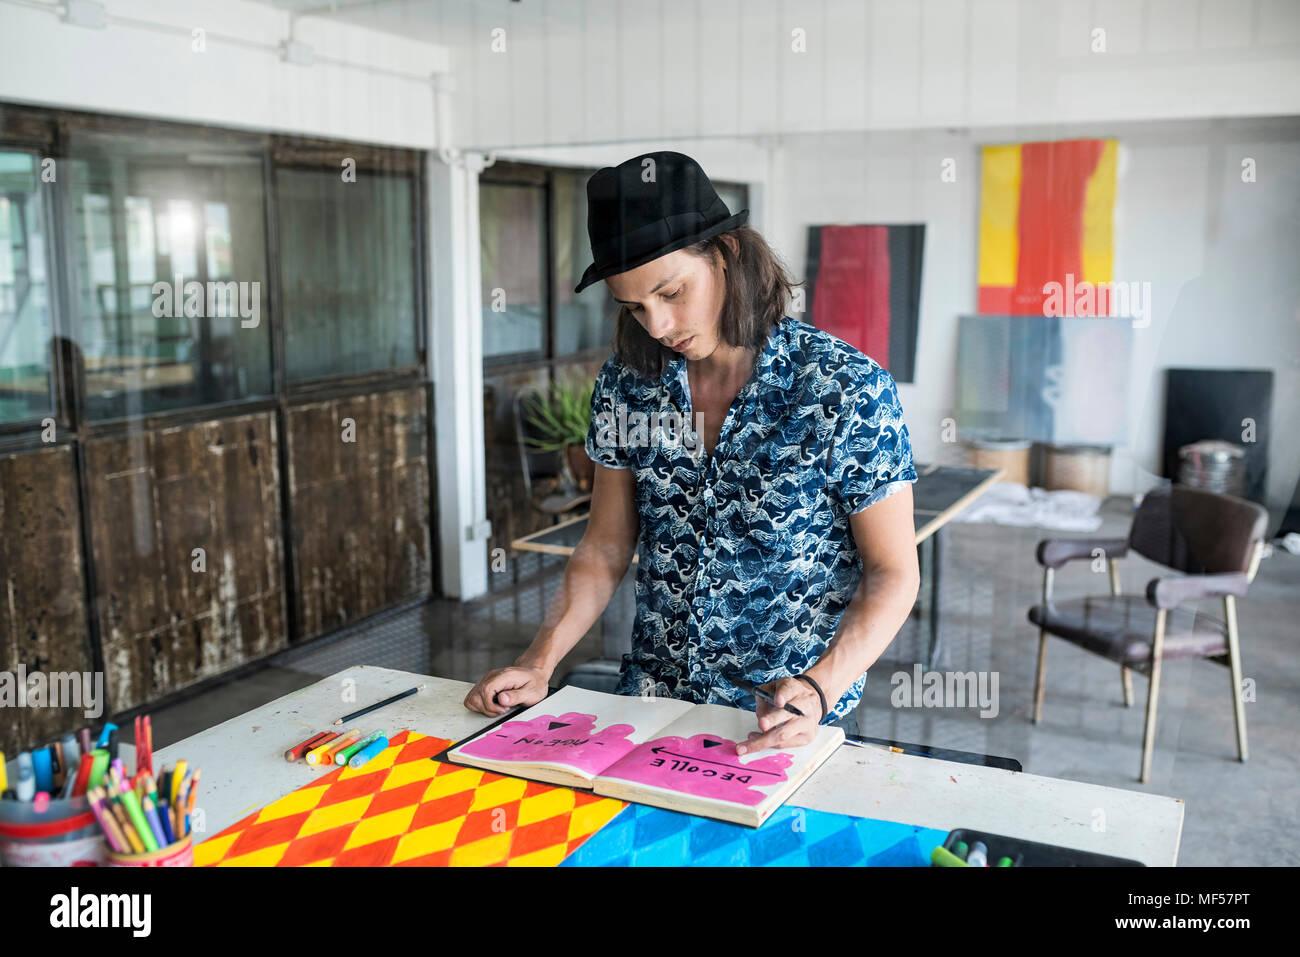 Artiste au travail, des dessins d'un ordinateur portable dans son studio de style loft avec des peintures et des œuvres d'art dans l'arrière-plan Photo Stock